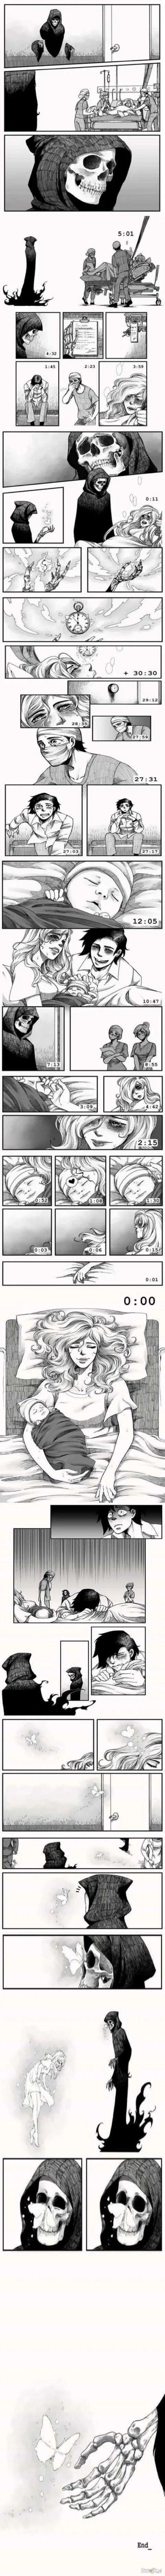 Komiks o nazwie: Dodatkowy czas